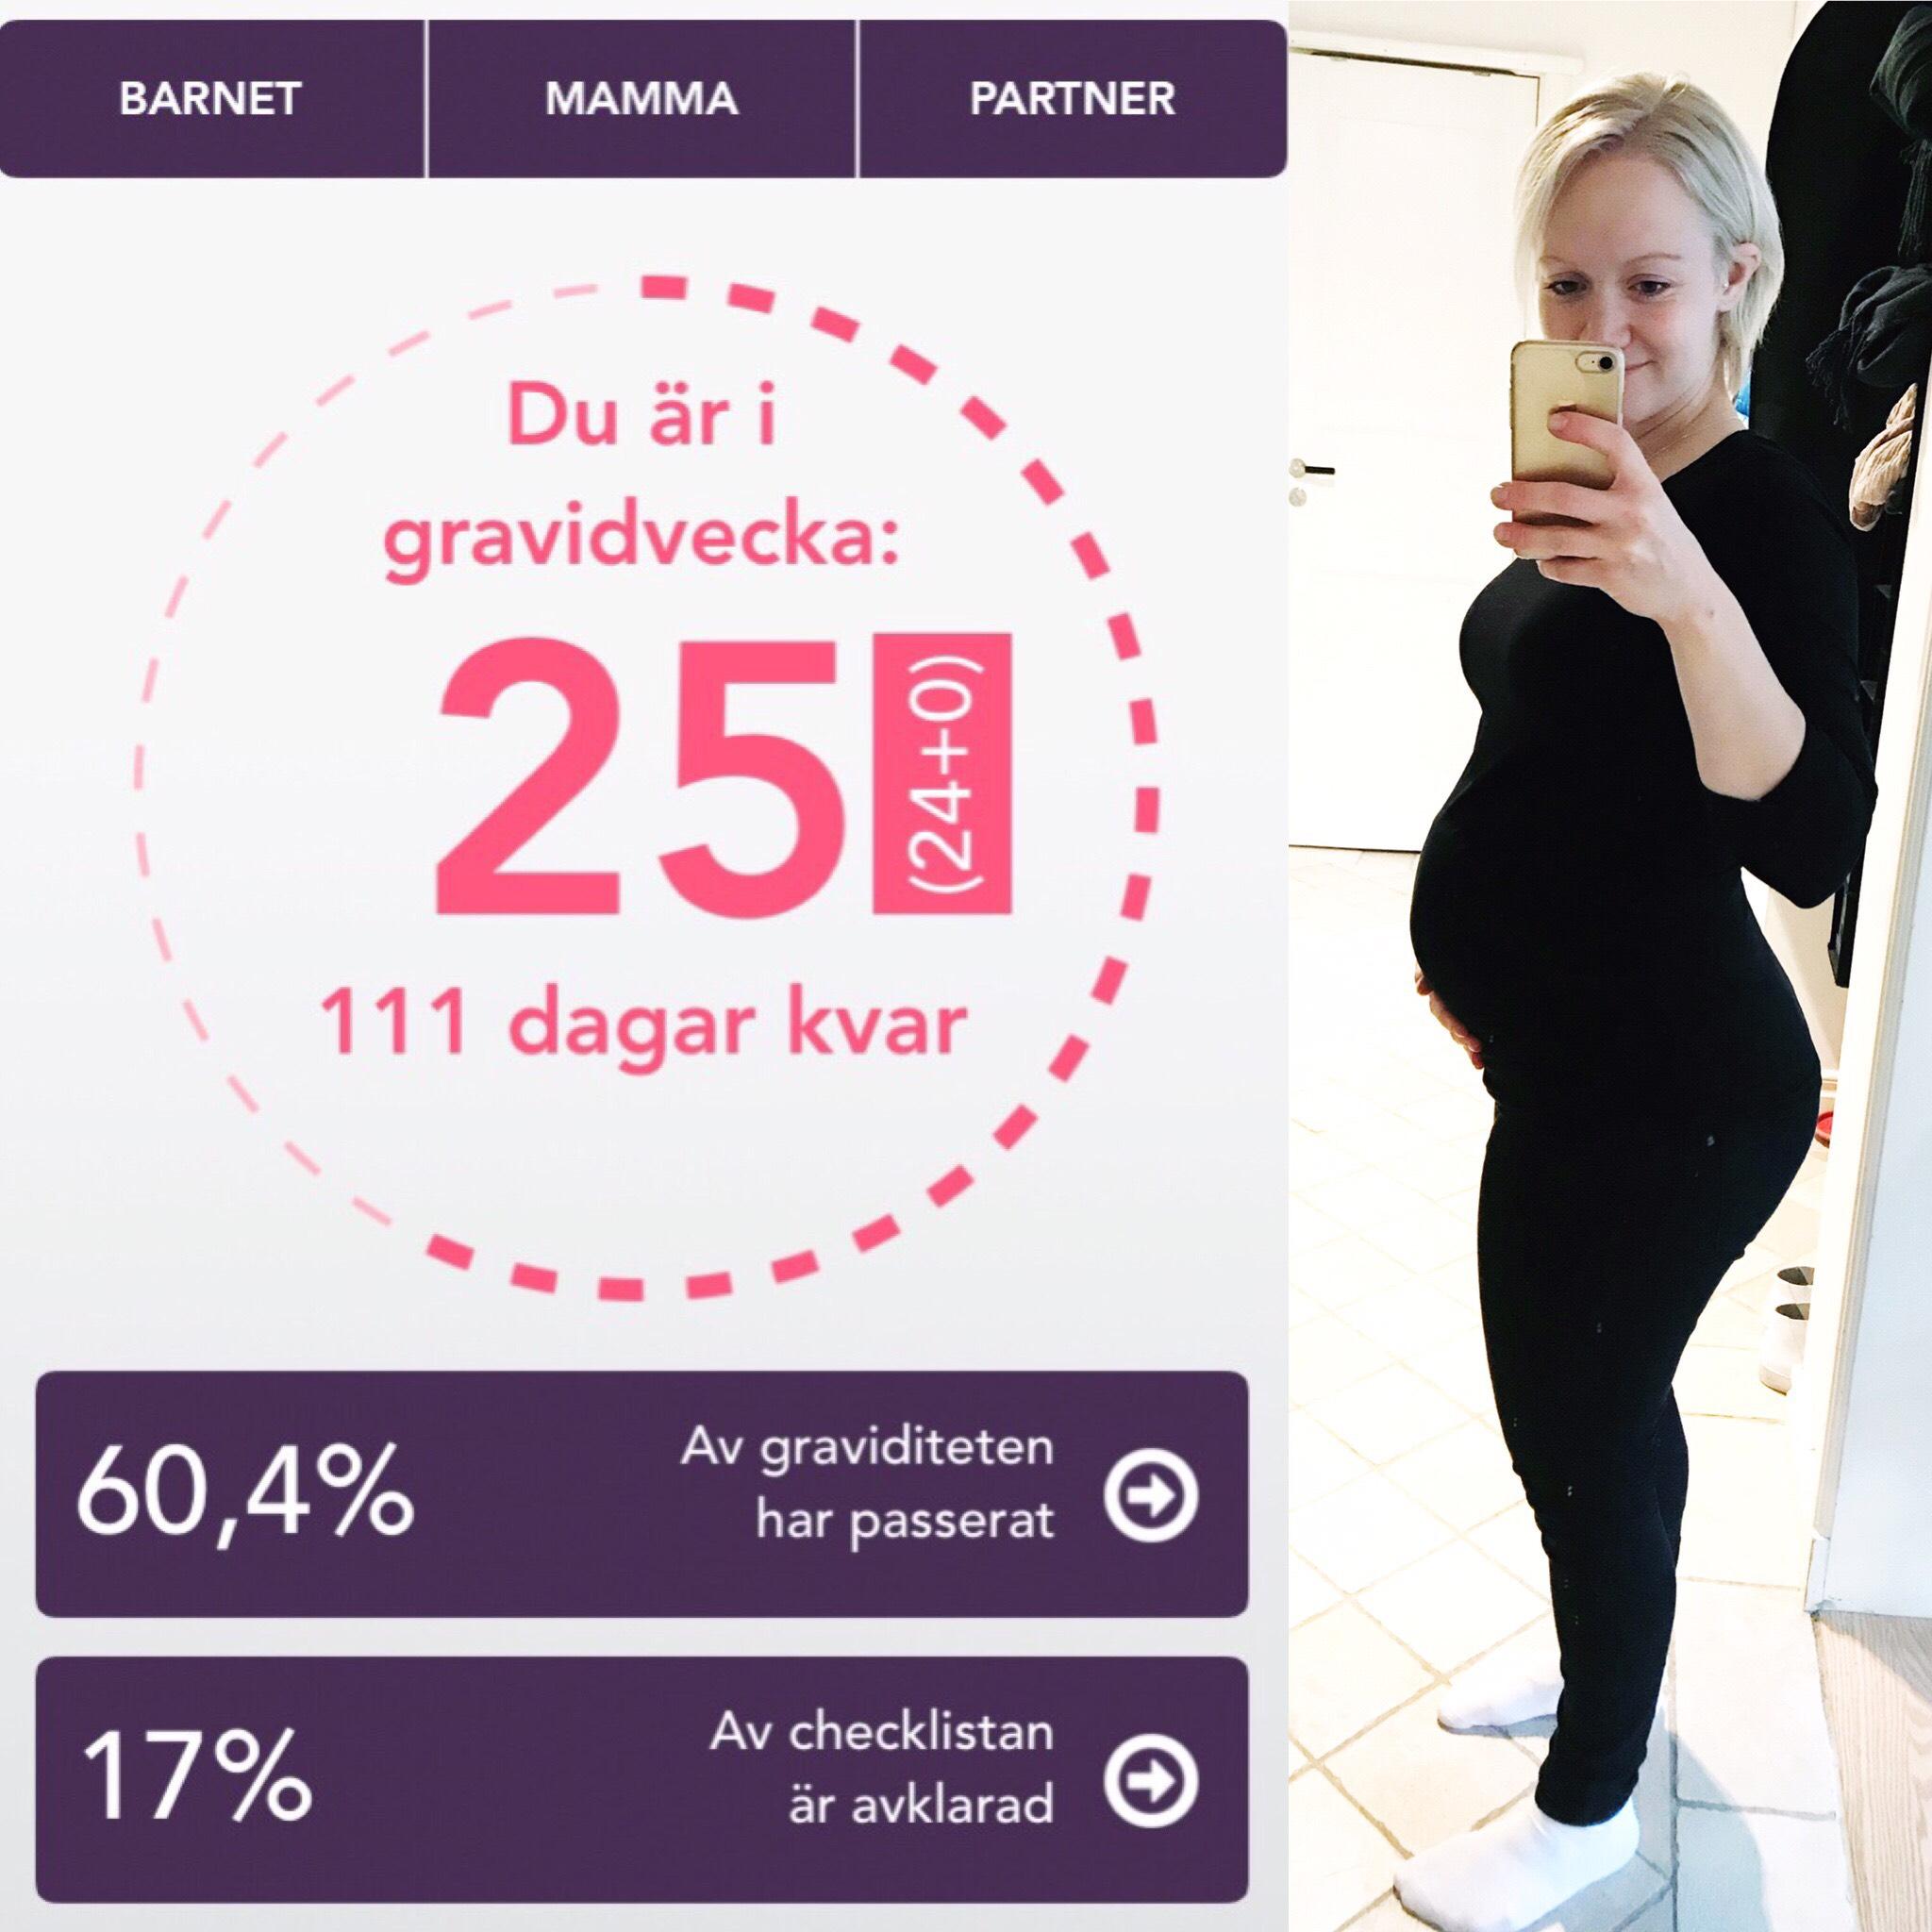 gravid vecka 25